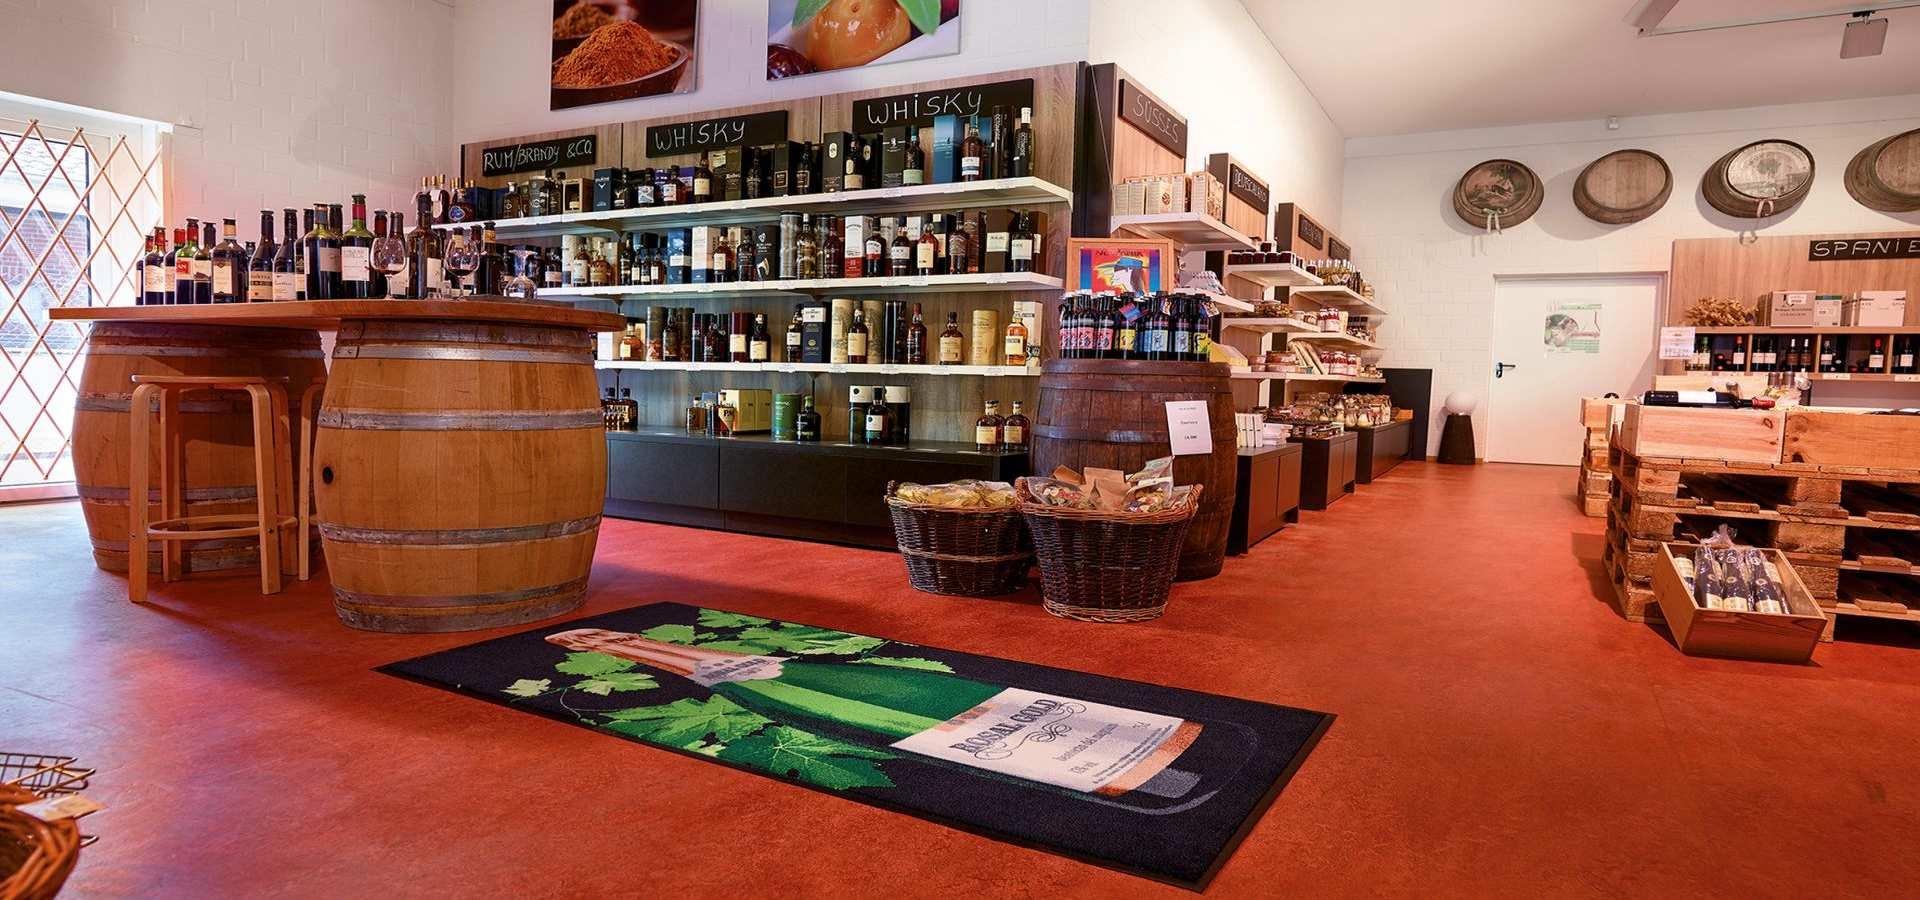 Sauberlauf mit Logoeindruck in Weinhandlung